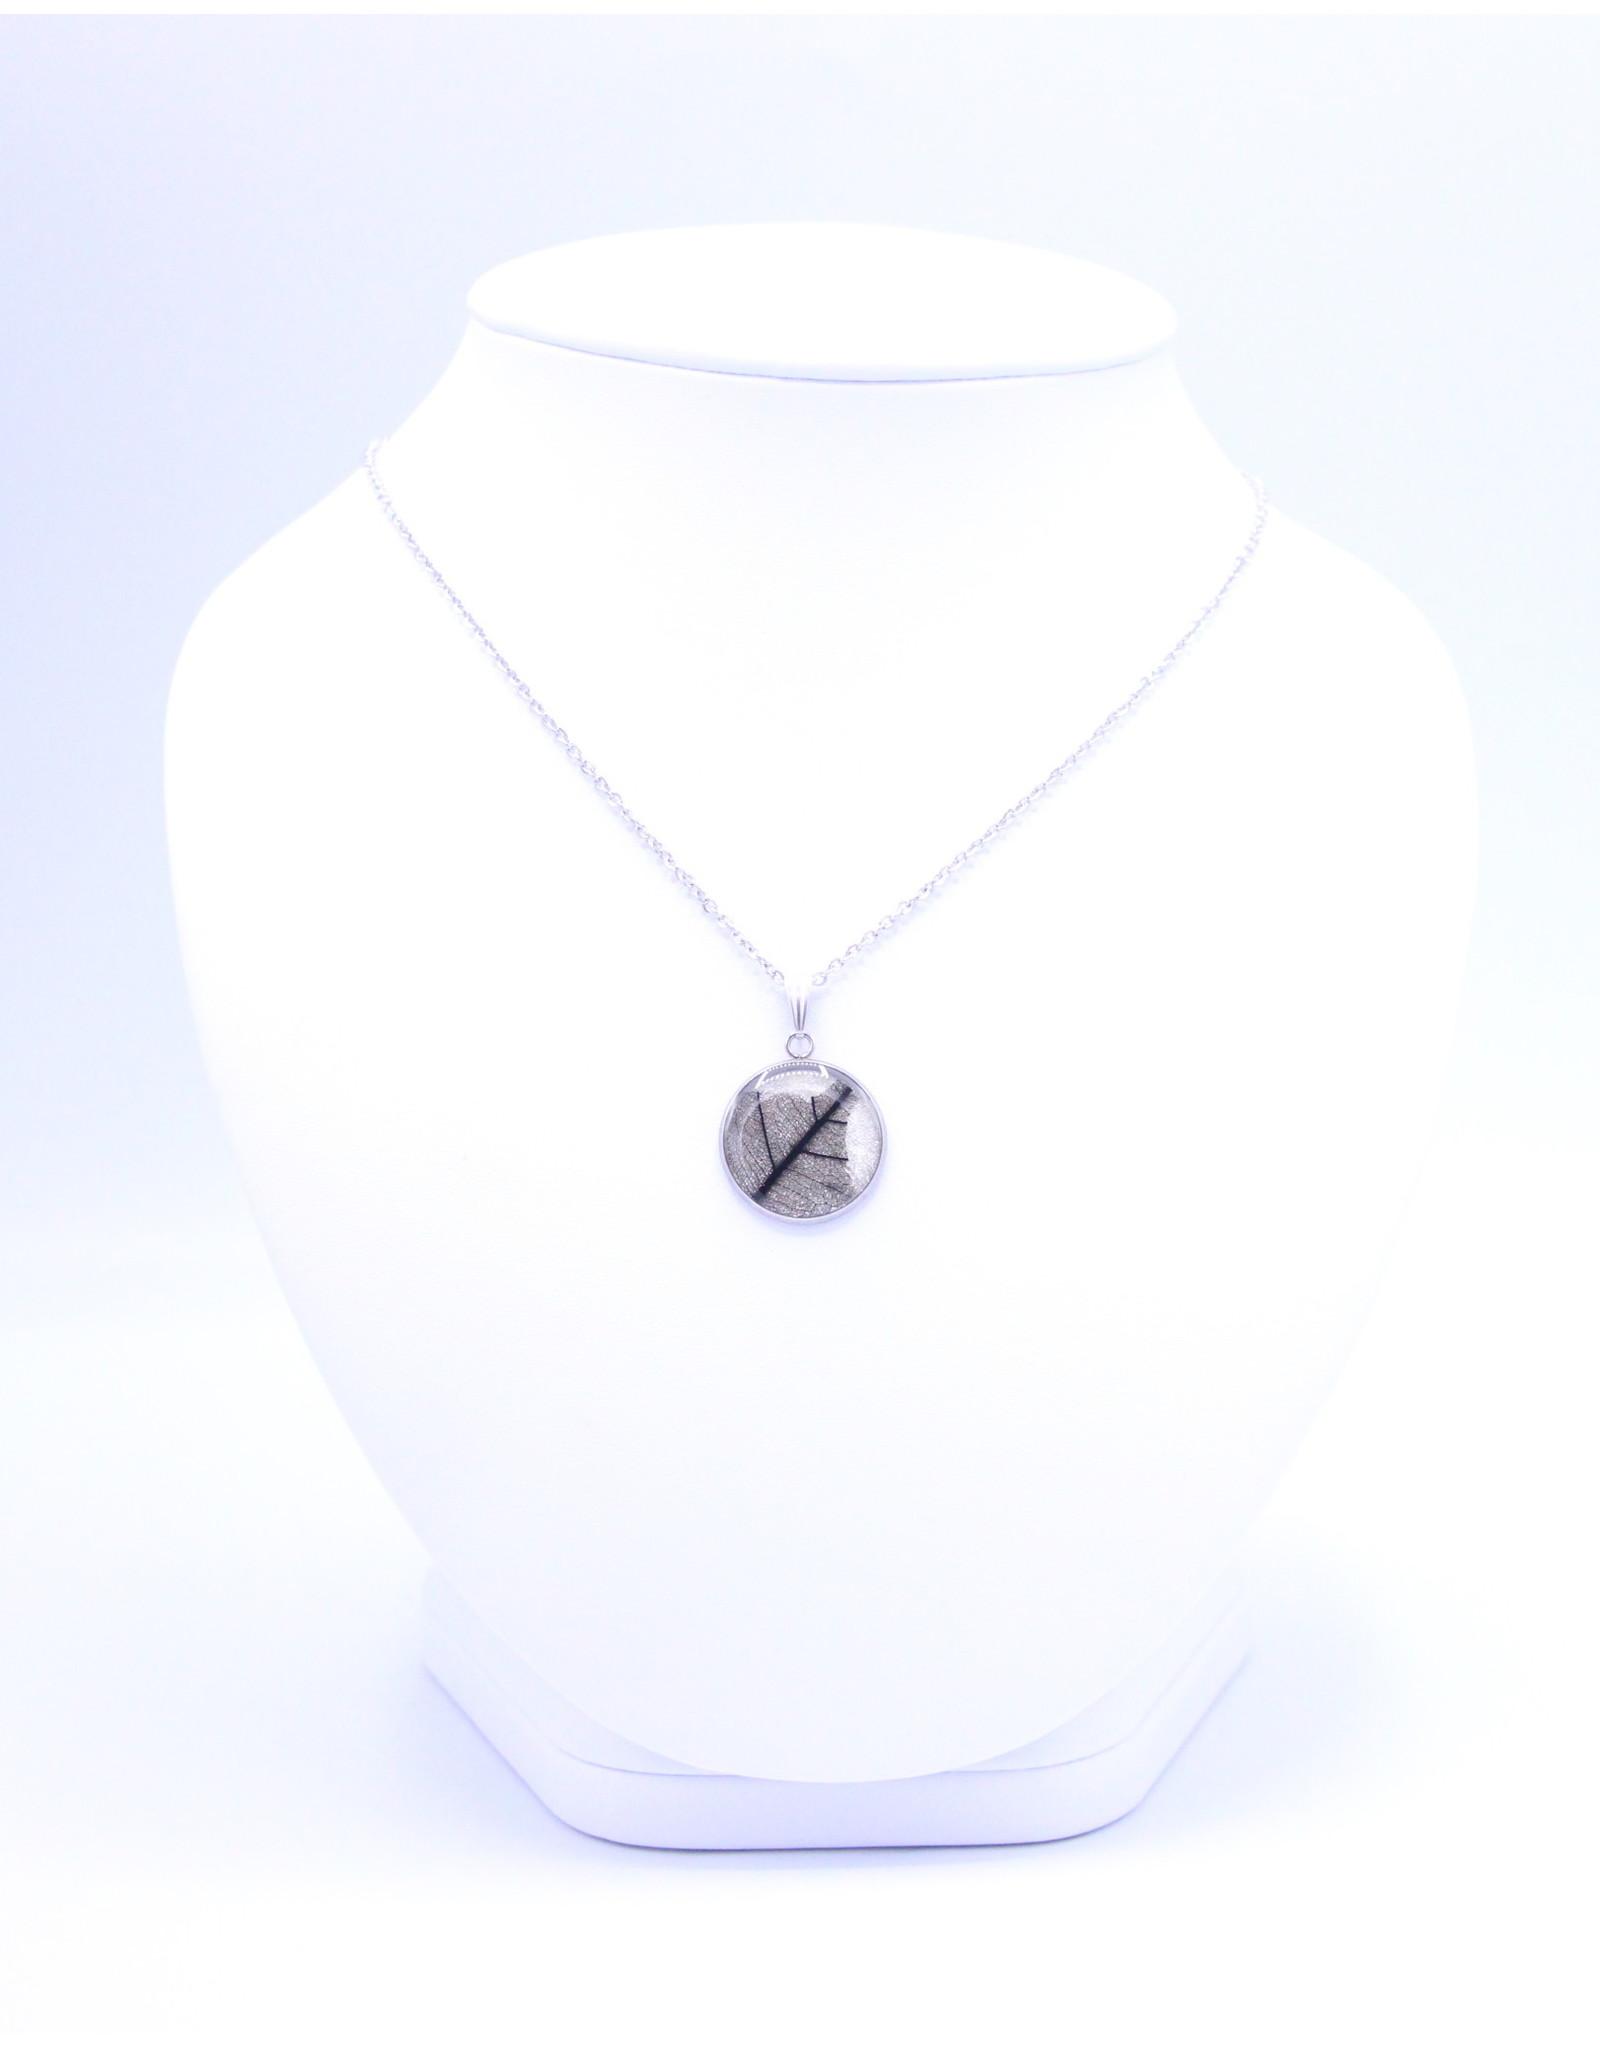 20mm Skeletized Leaf Necklace - N20SL1